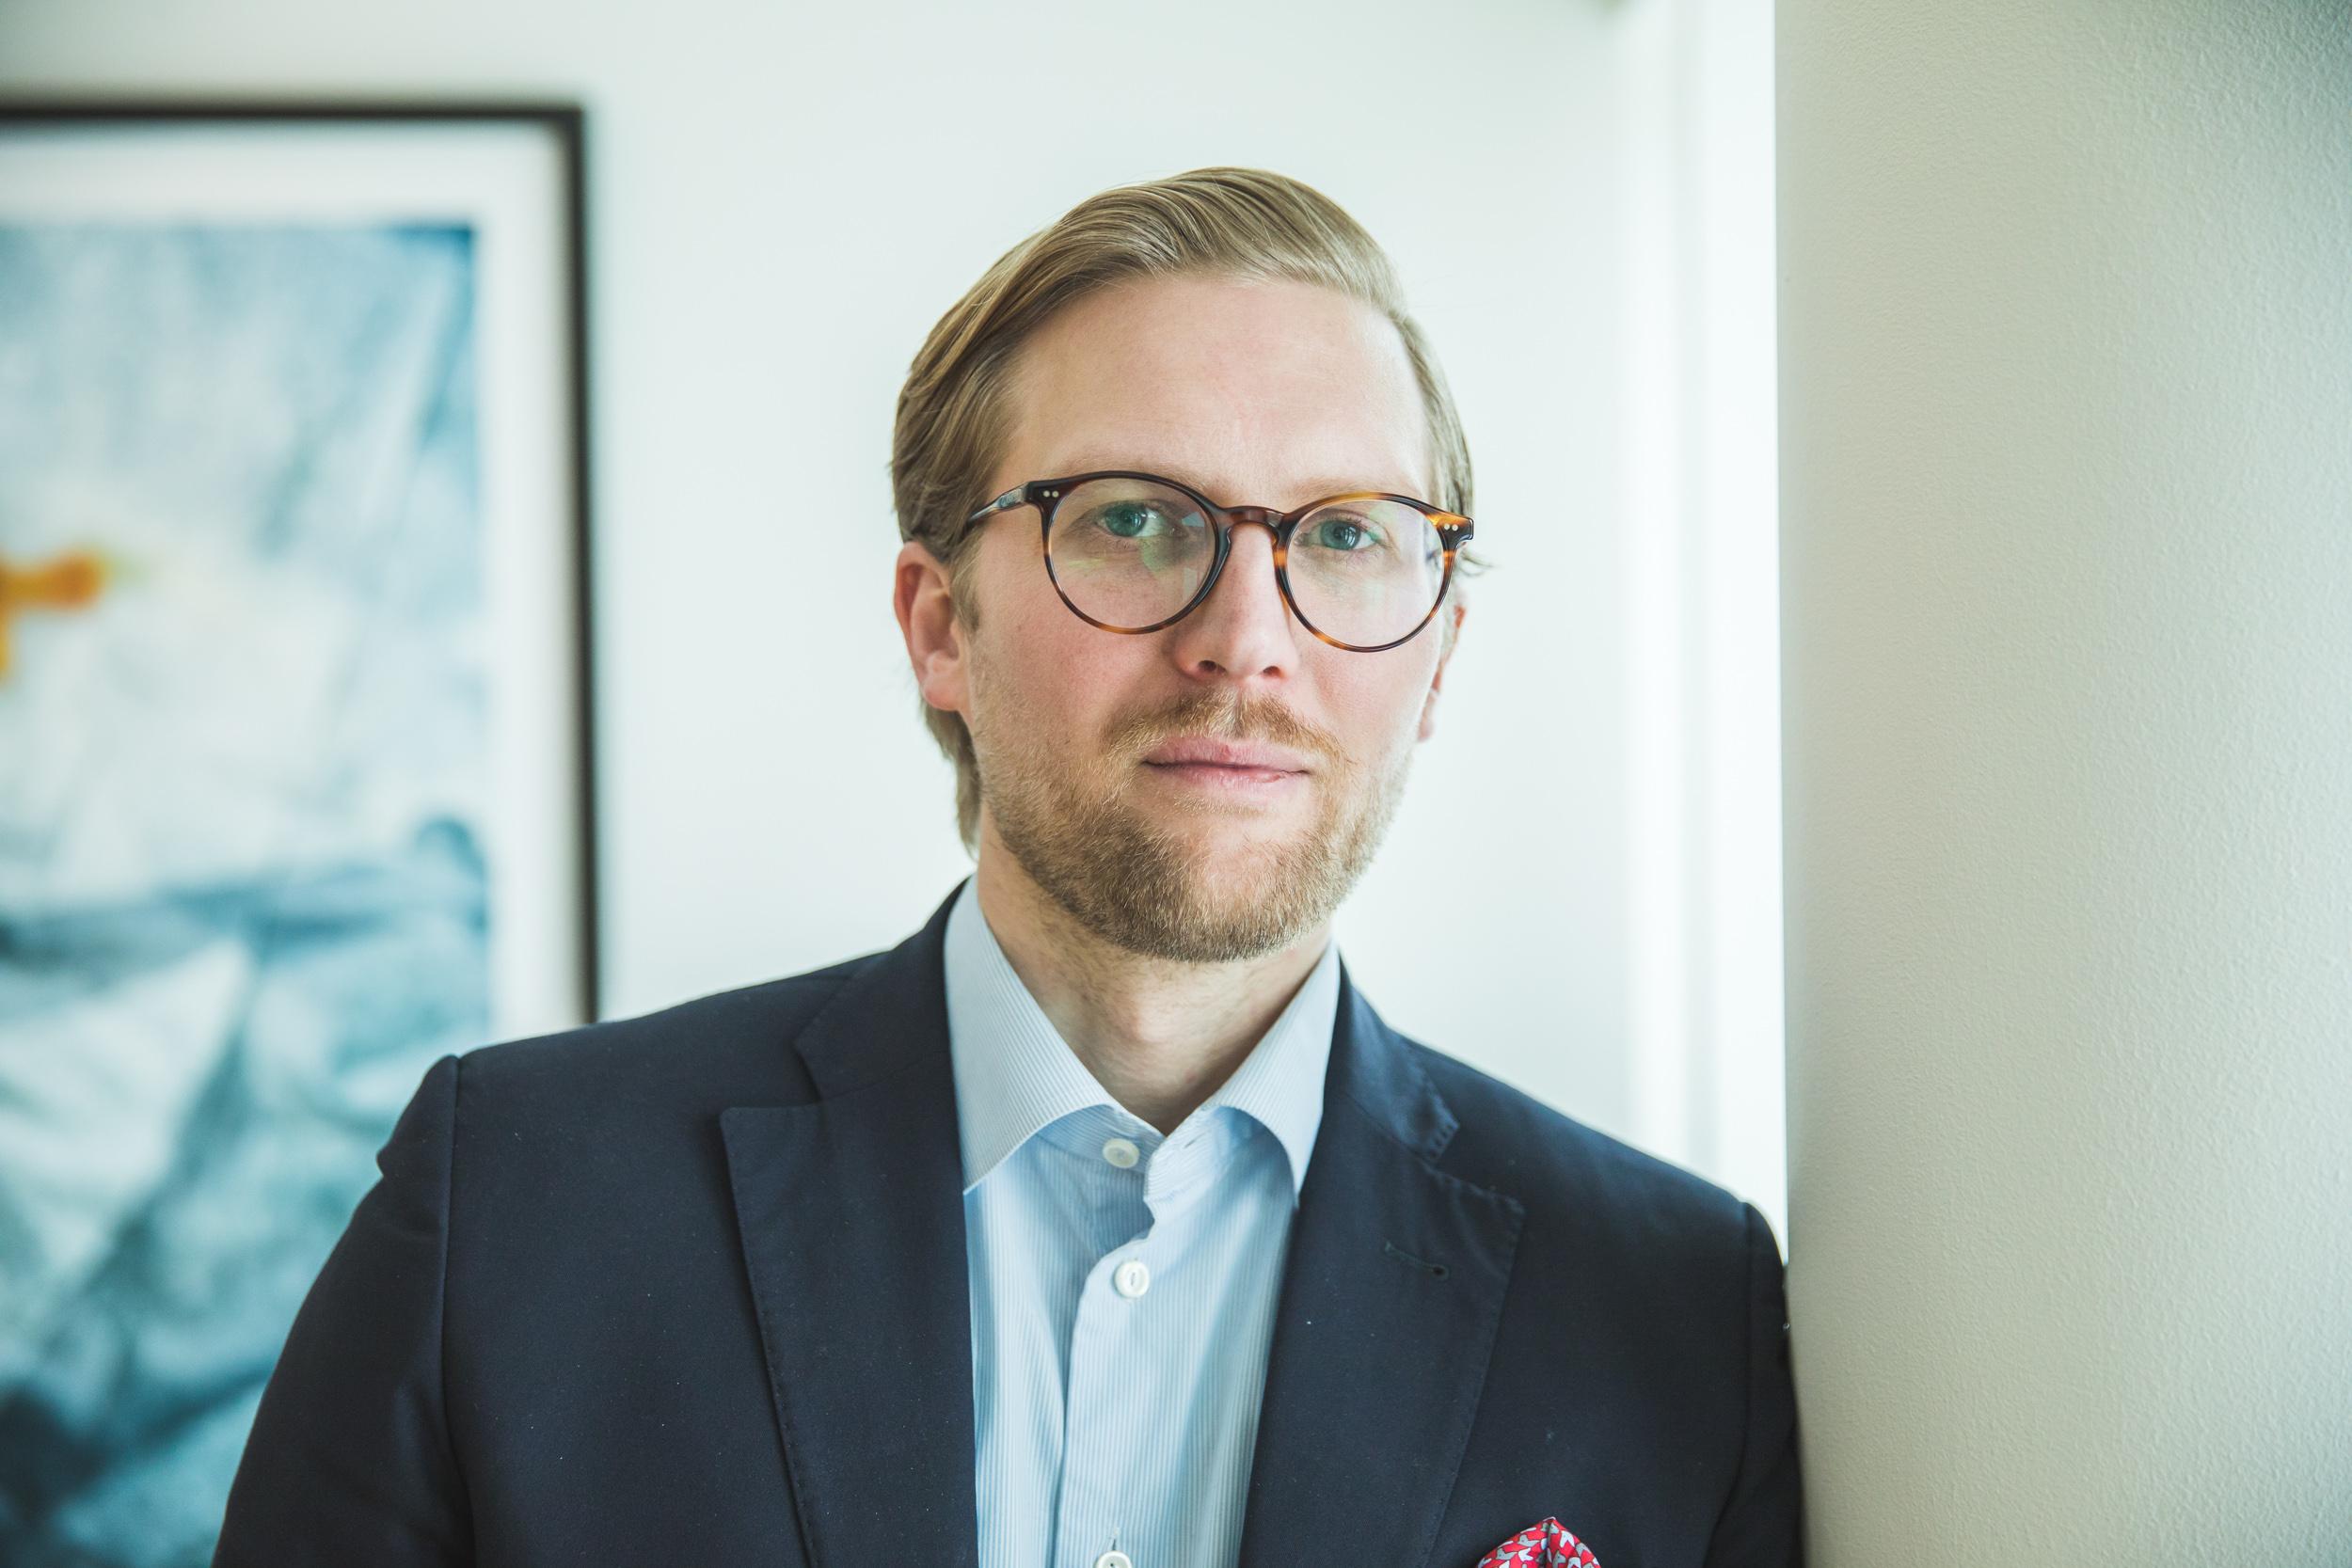 Magnus Eikens